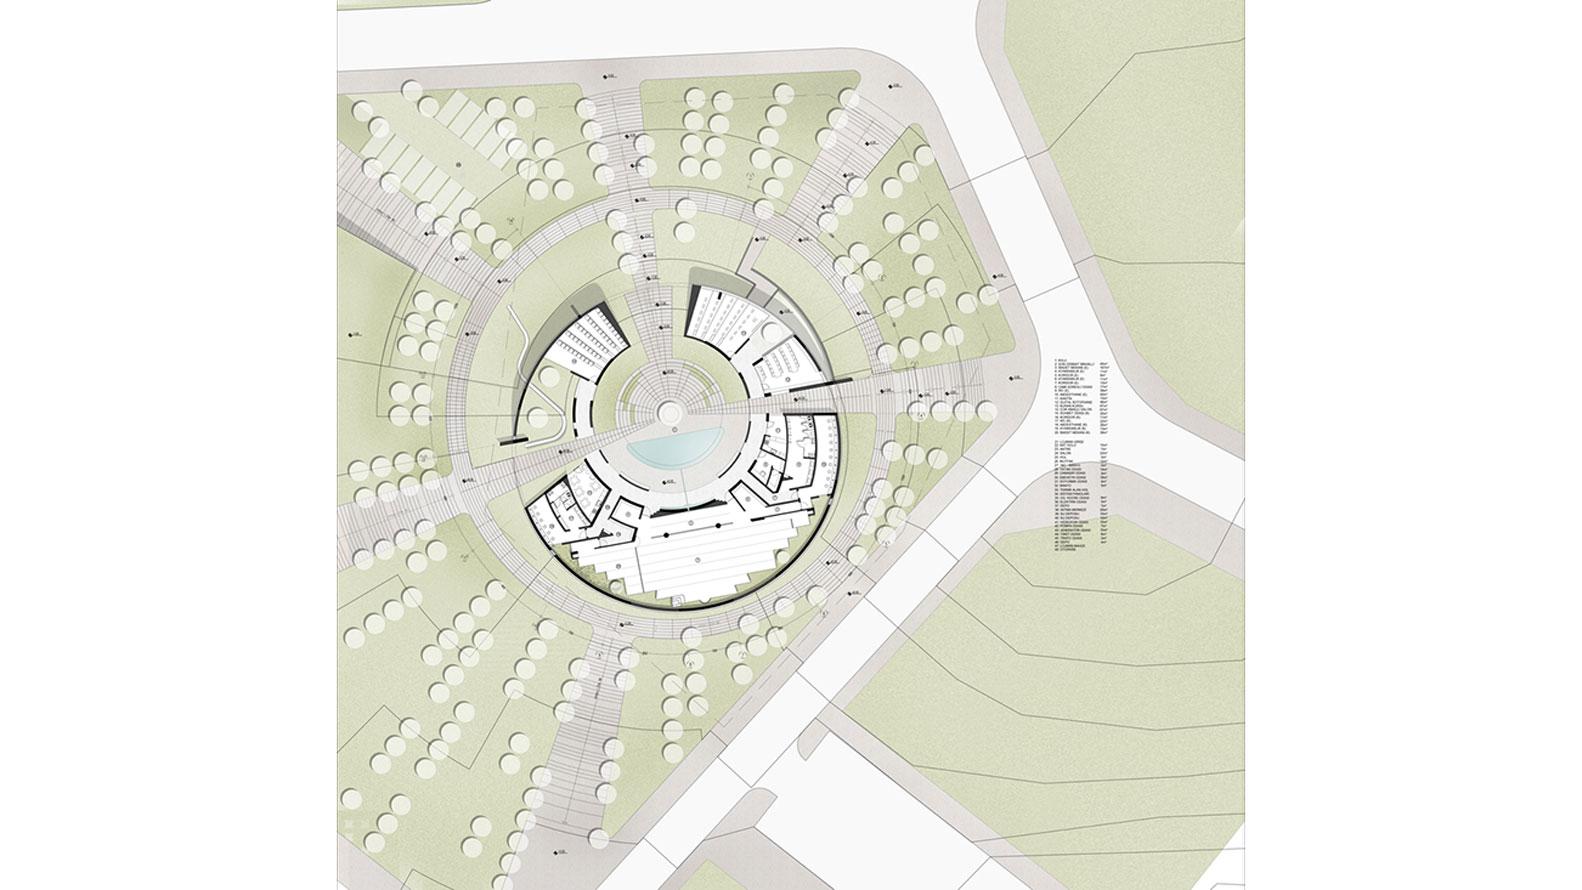 BeOffice Geleneksel Cami Mimarisini Yeniden Yorumladı 12